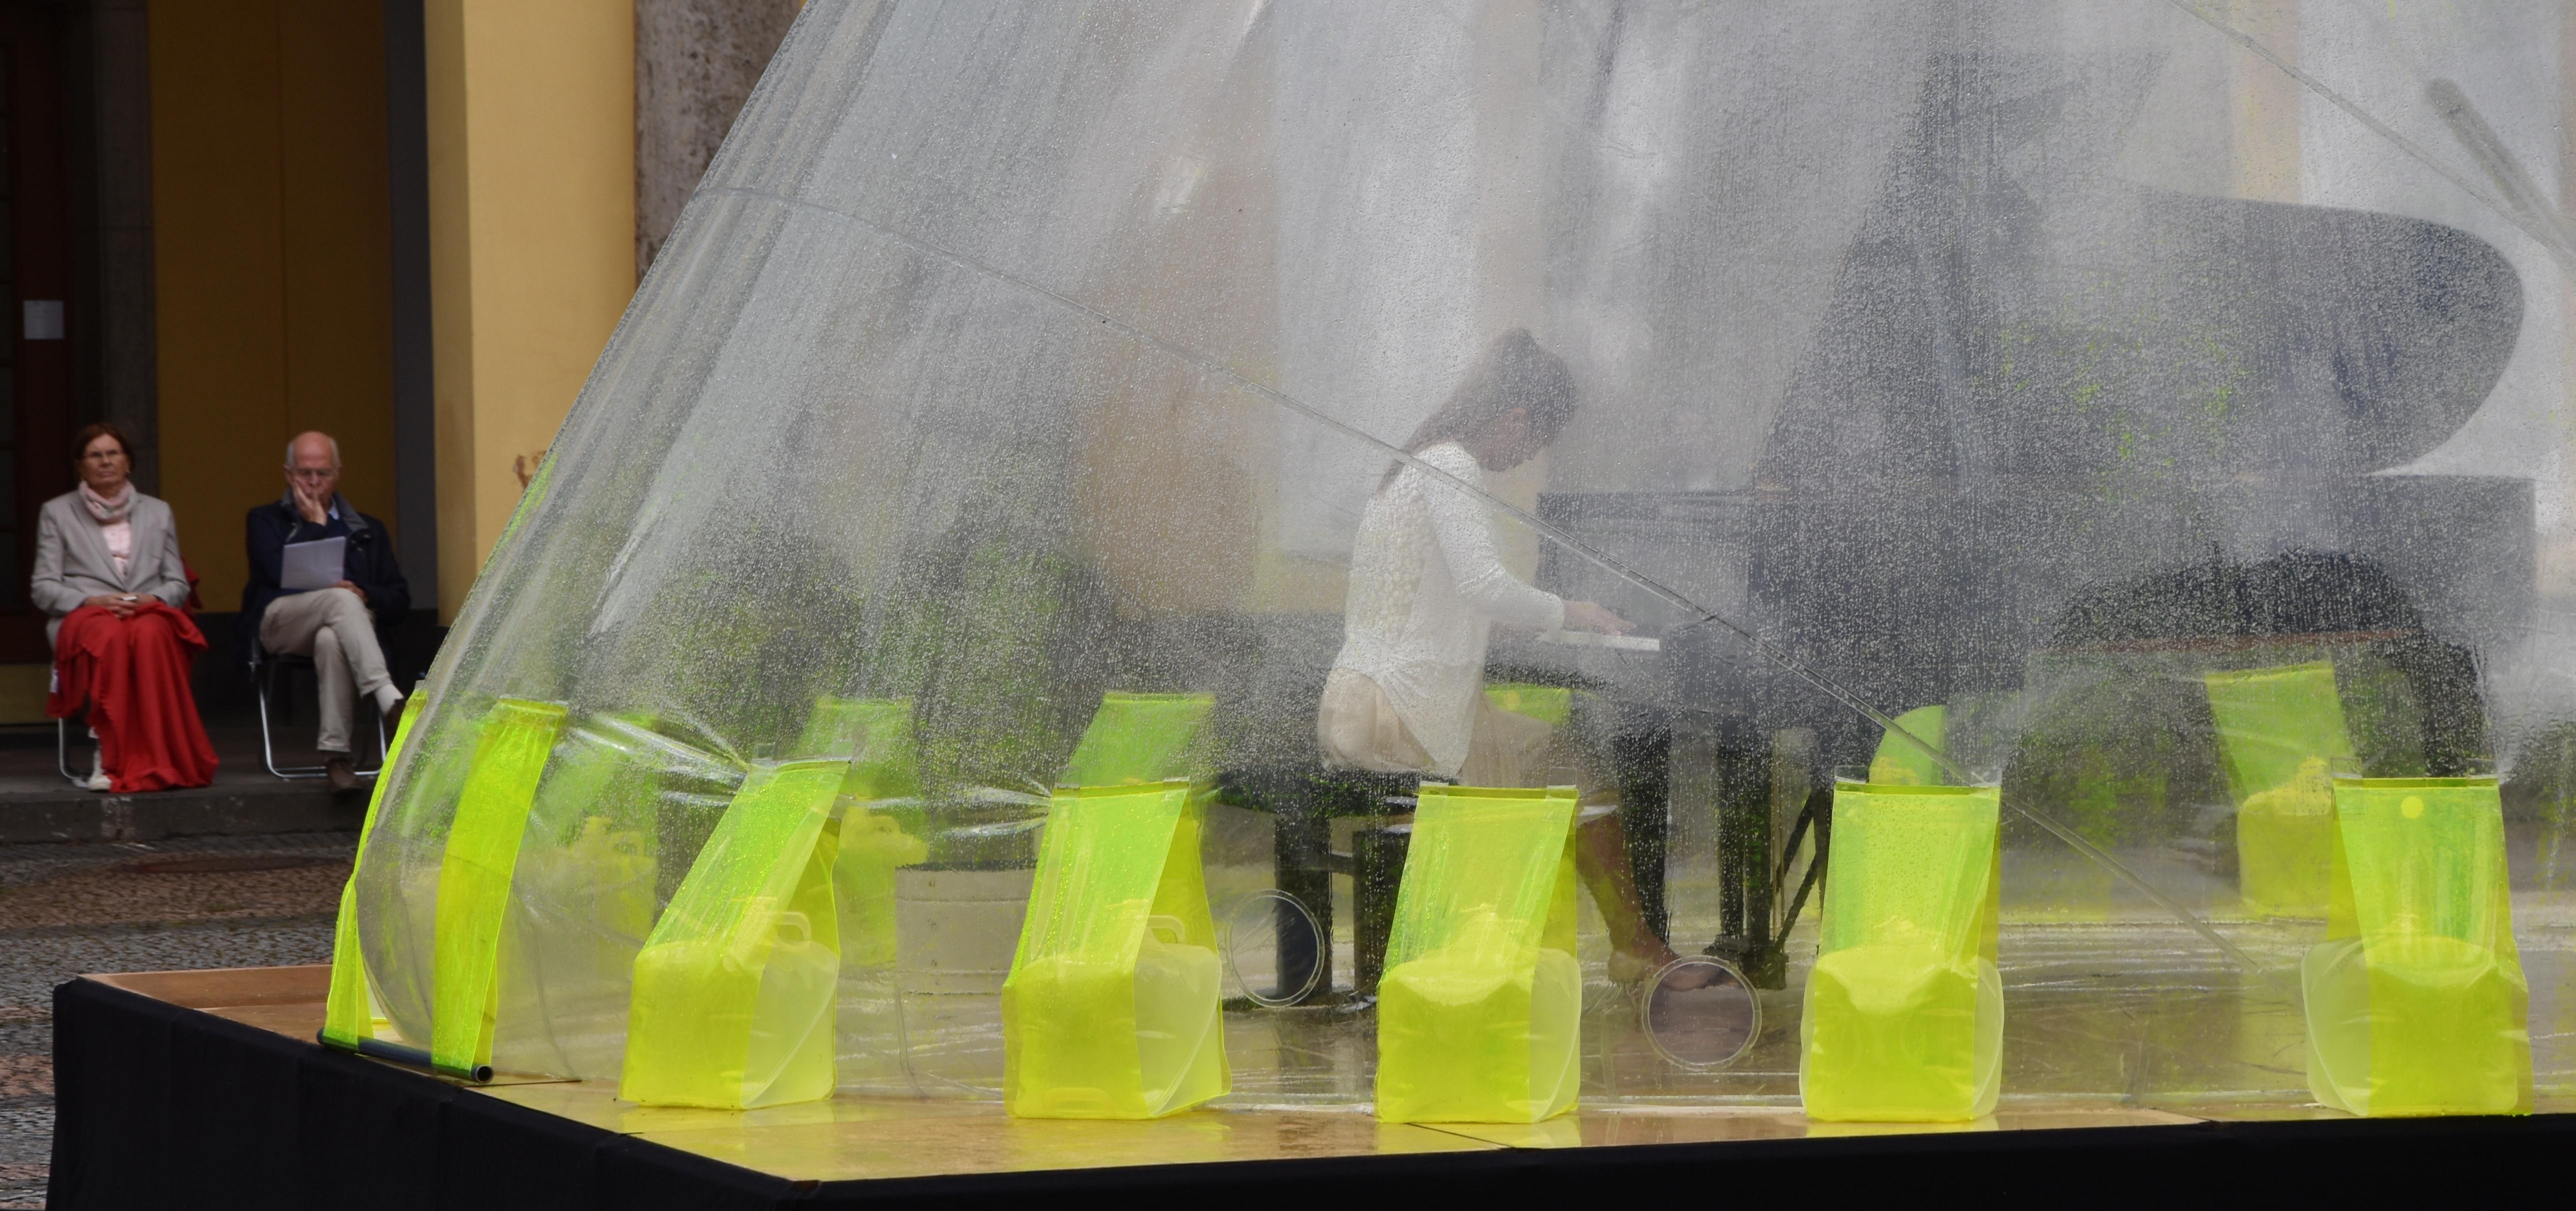 Die Pianistin Hayoung Kim allein mit Robert Schumann und Sergei Prokofjew unter der transparenten Membran des Volume Gonflable von Hans-Walter Müller.